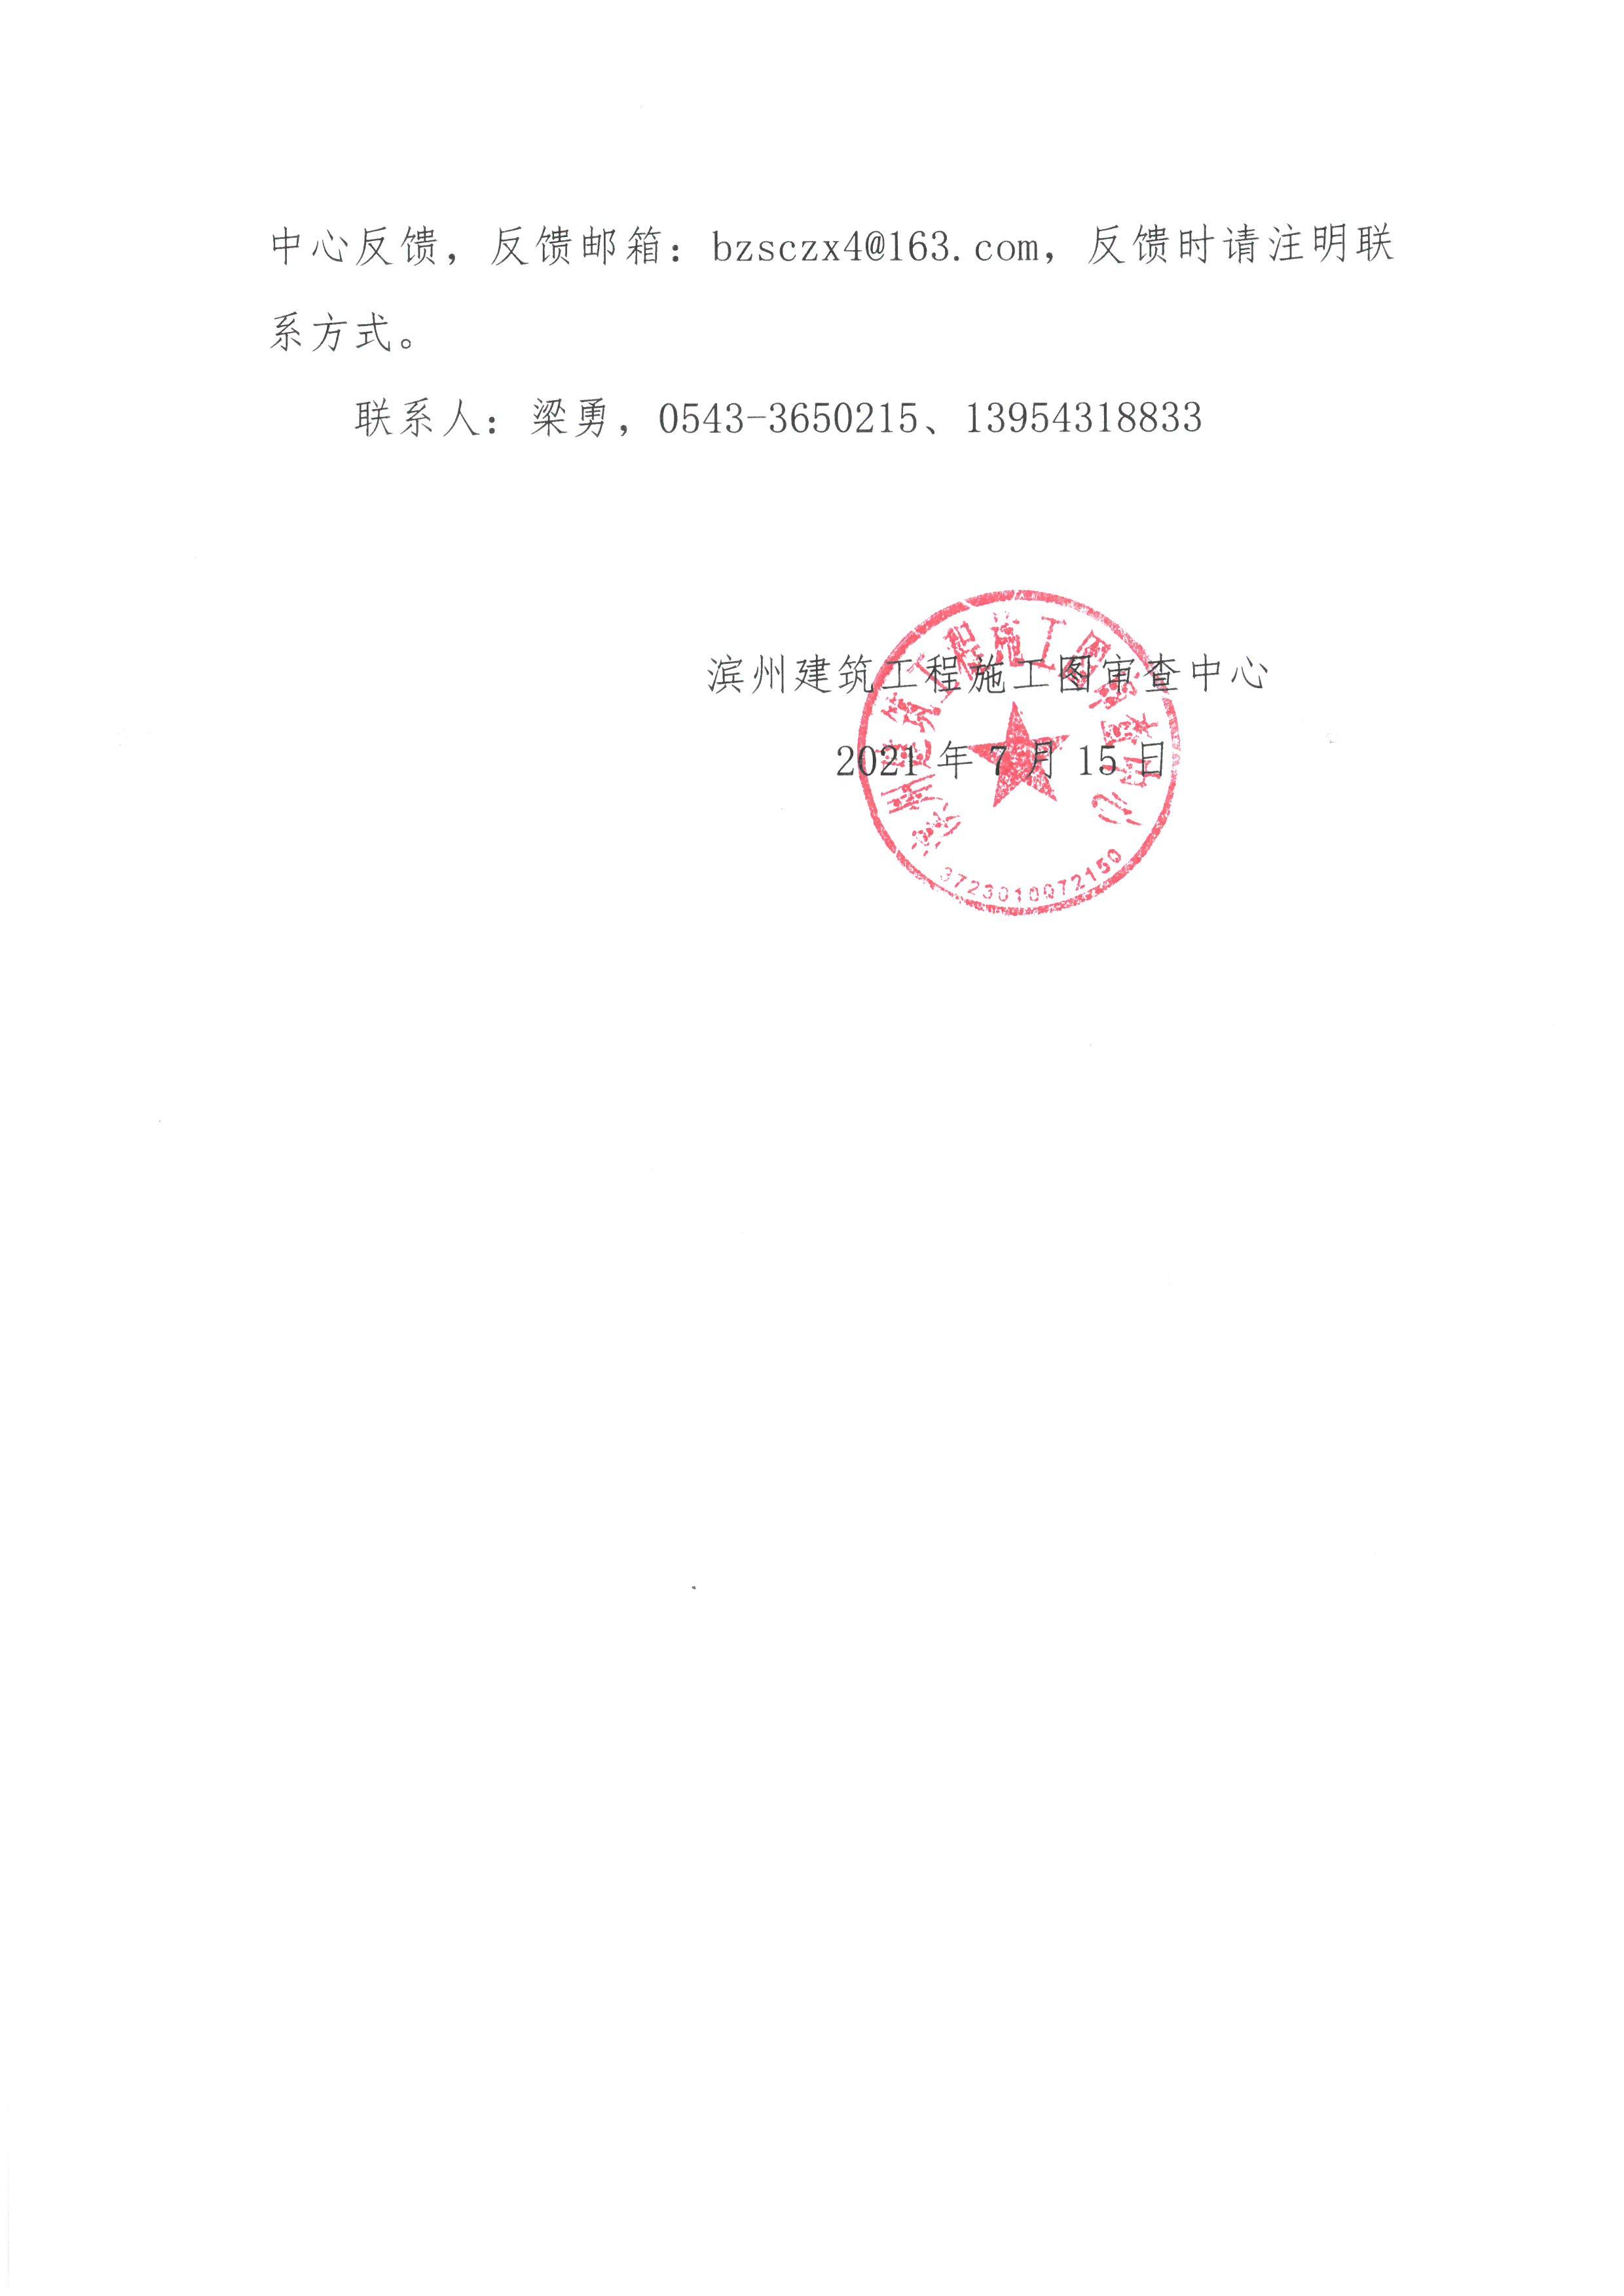 滨州建筑工程施工图审查中心关于排水管道在非住宅类居住房间过道穿越的审查提示函 (4).jpg